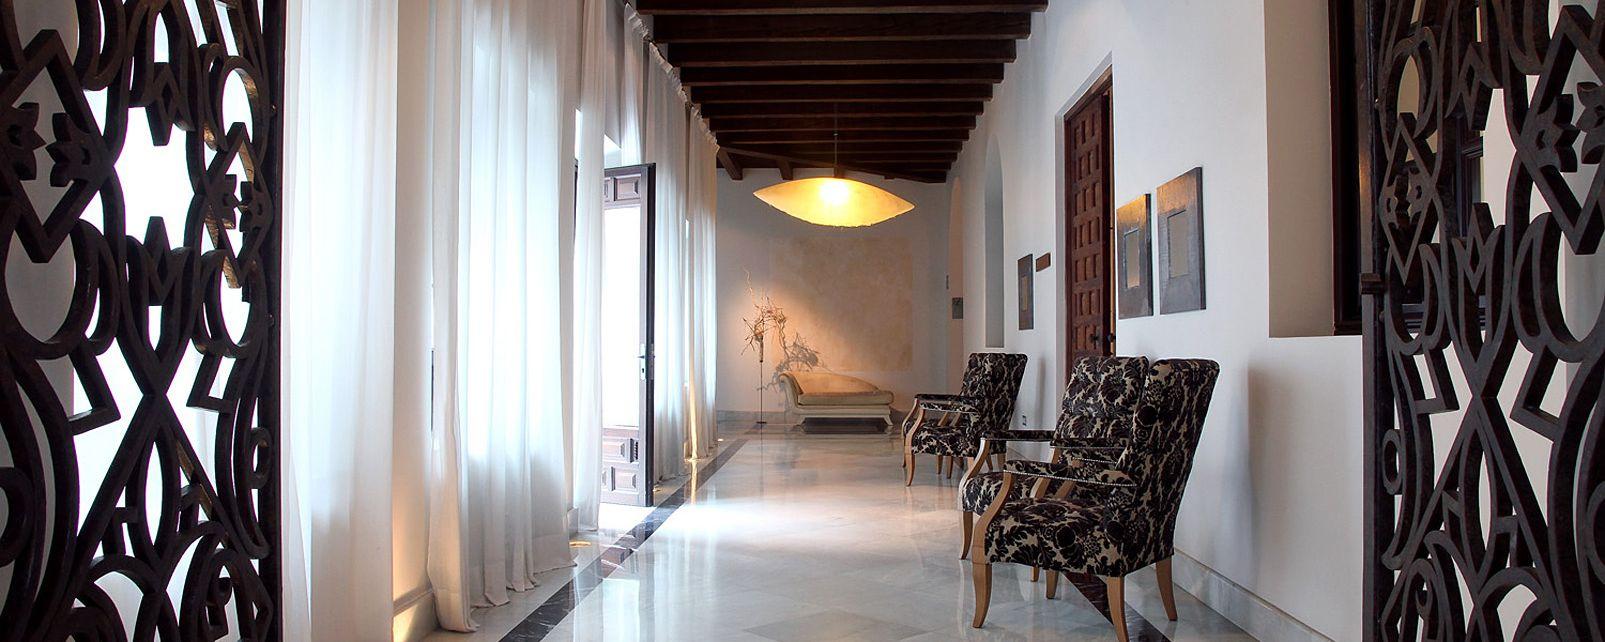 Hôtel Hospes Palacio del Bailio